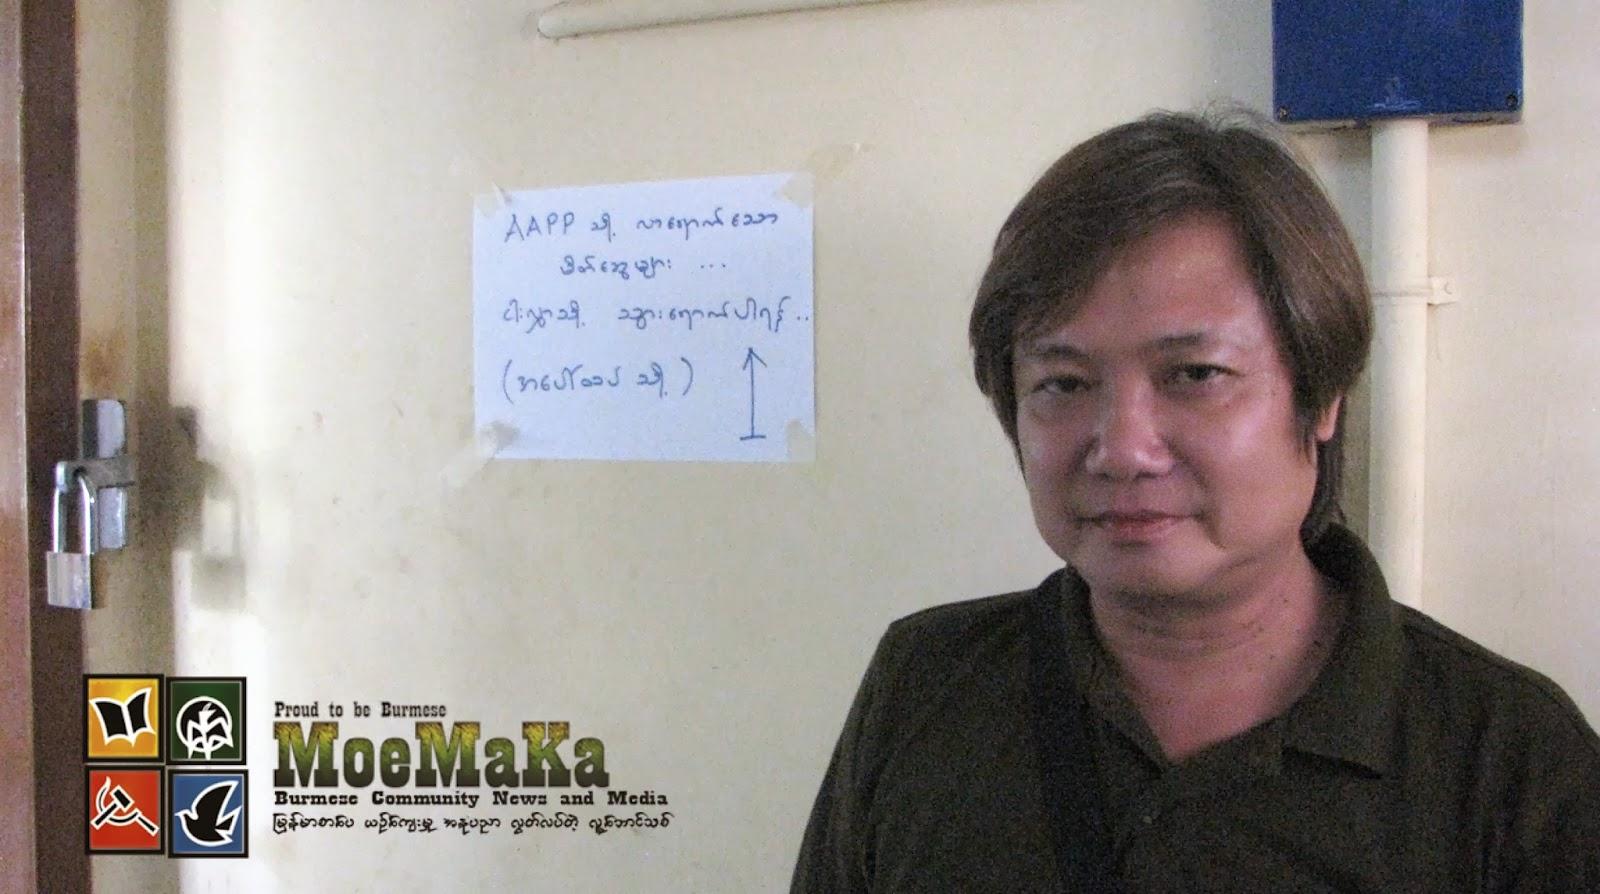 (လမ္းခုုလတ္ – ၂၀၁၃) ကိုုတိတ္ႏိုုင္( AAPP –Burma) နဲ႔ စကားလက္ဆုုံ